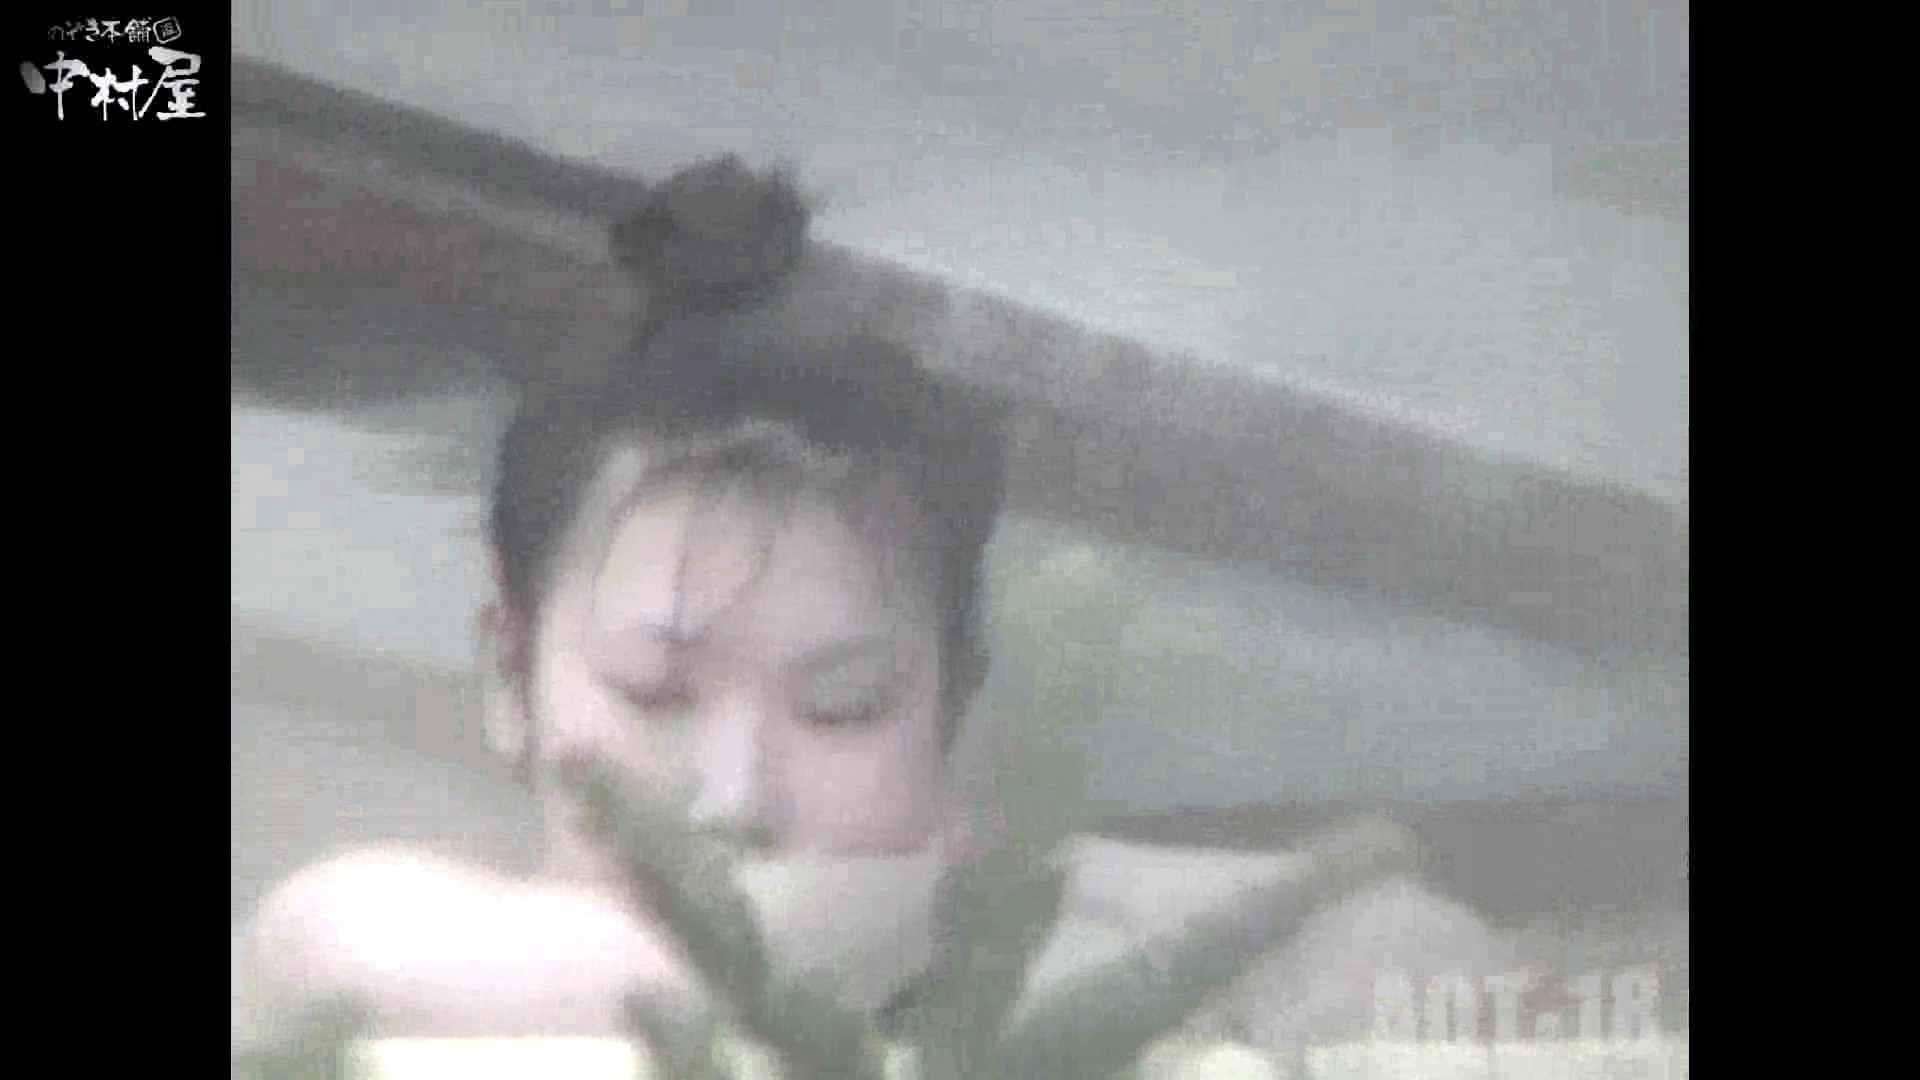 Aquaな露天風呂Vol.882潜入盗撮露天風呂十八判湯 其の二 盗撮 オマンコ動画キャプチャ 78PICs 15